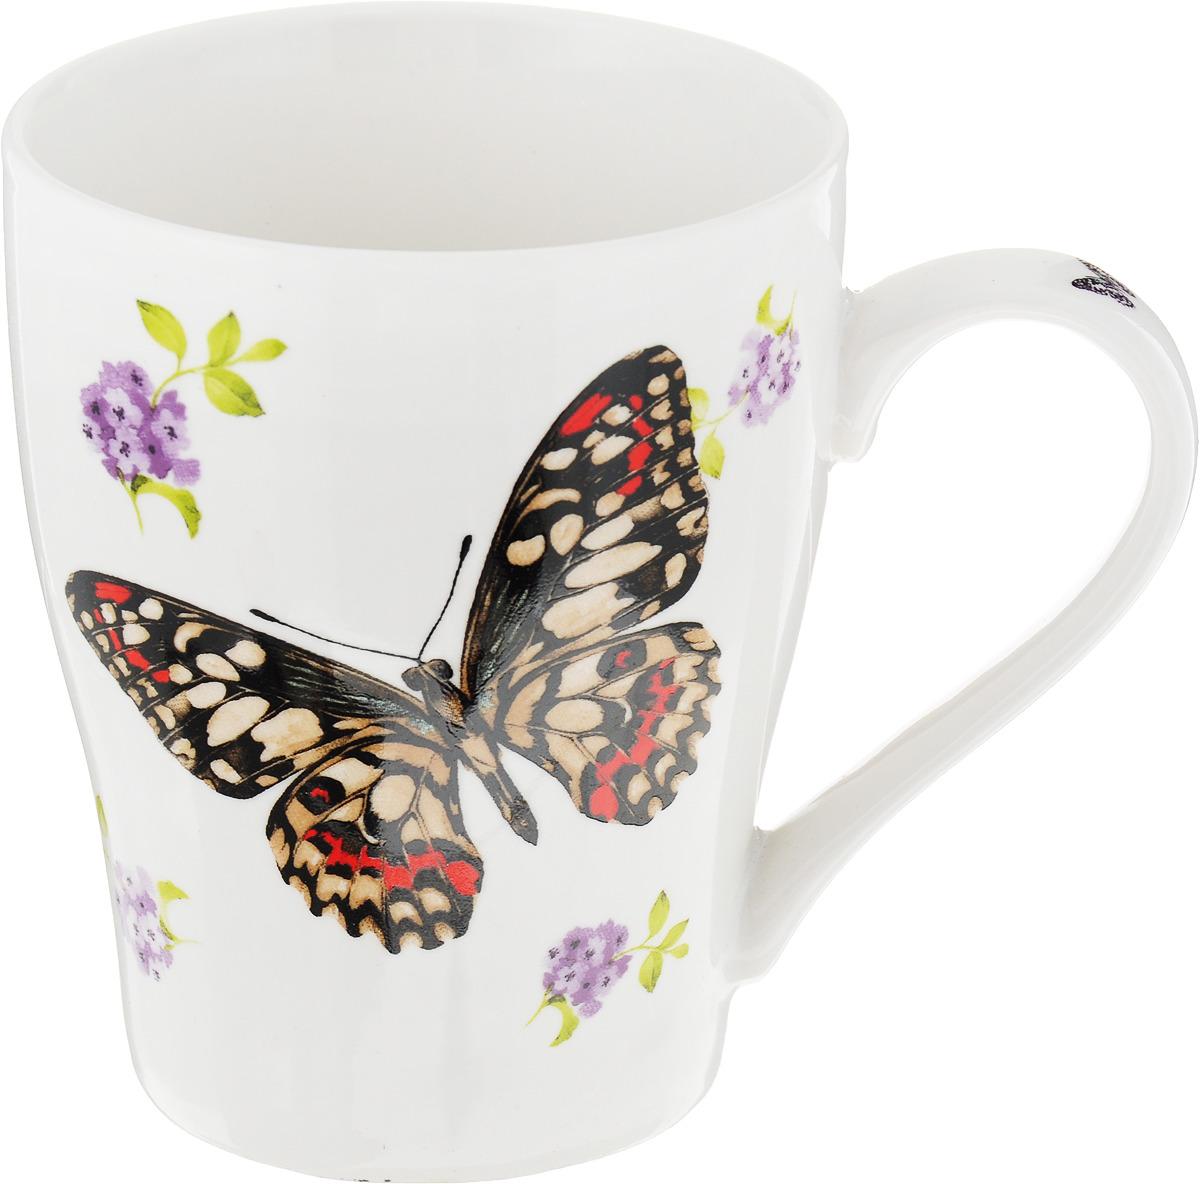 Кружка Loraine Бабочки, цвет: белый, черный, красный, 340 мл. 26586 кружка loraine цветы 340 мл мак